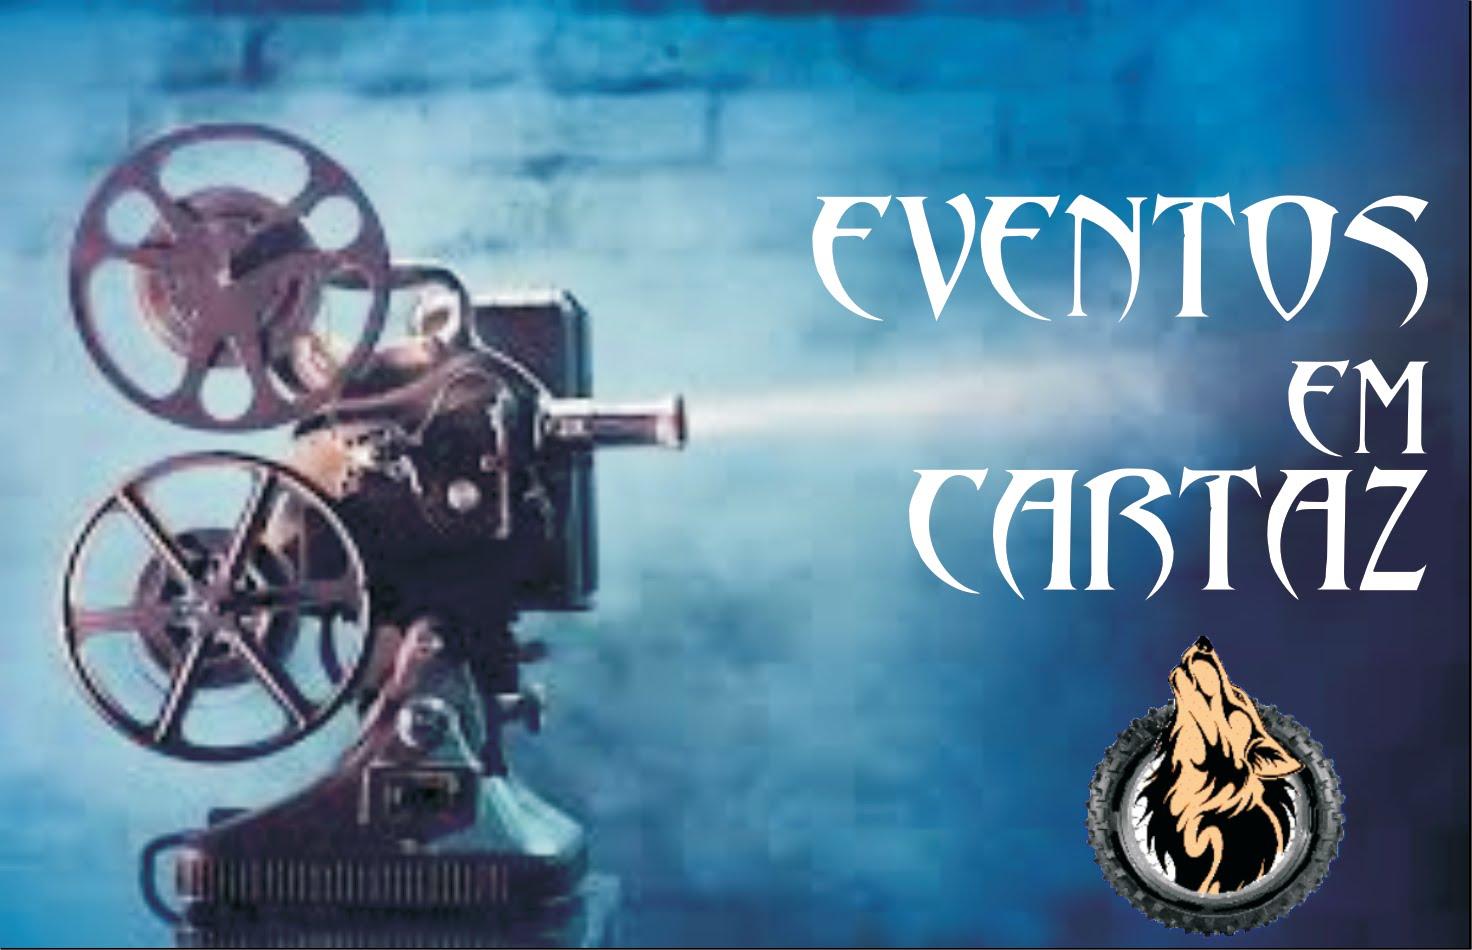 Eventos em Cartaz